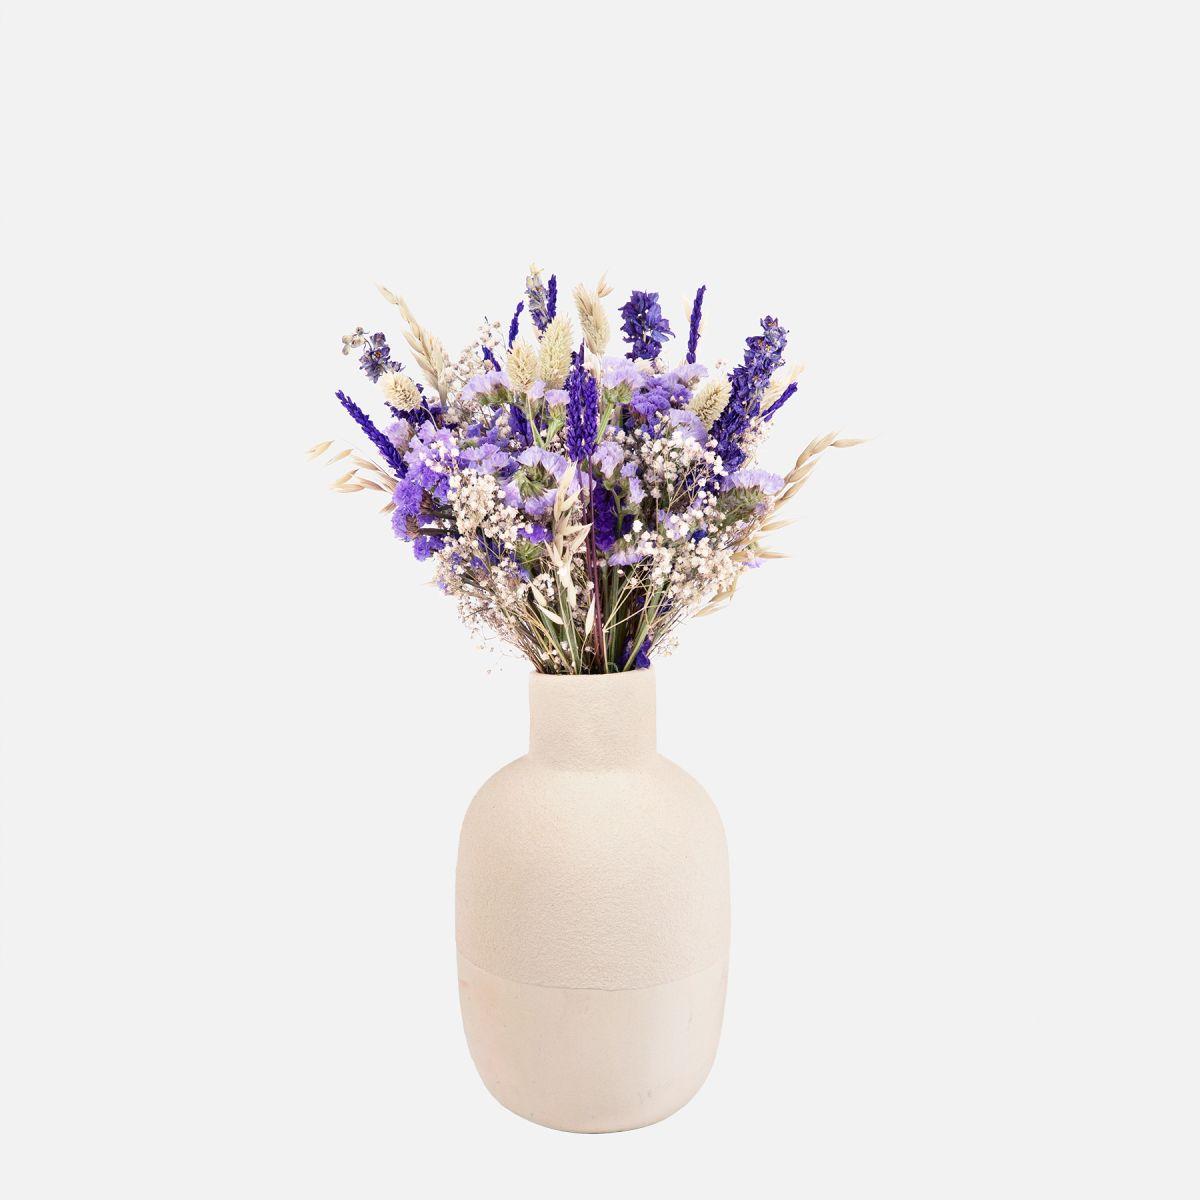 Purple Lavender - Lavanda e Gypsophilia - Fiori a domicilio - Colvin